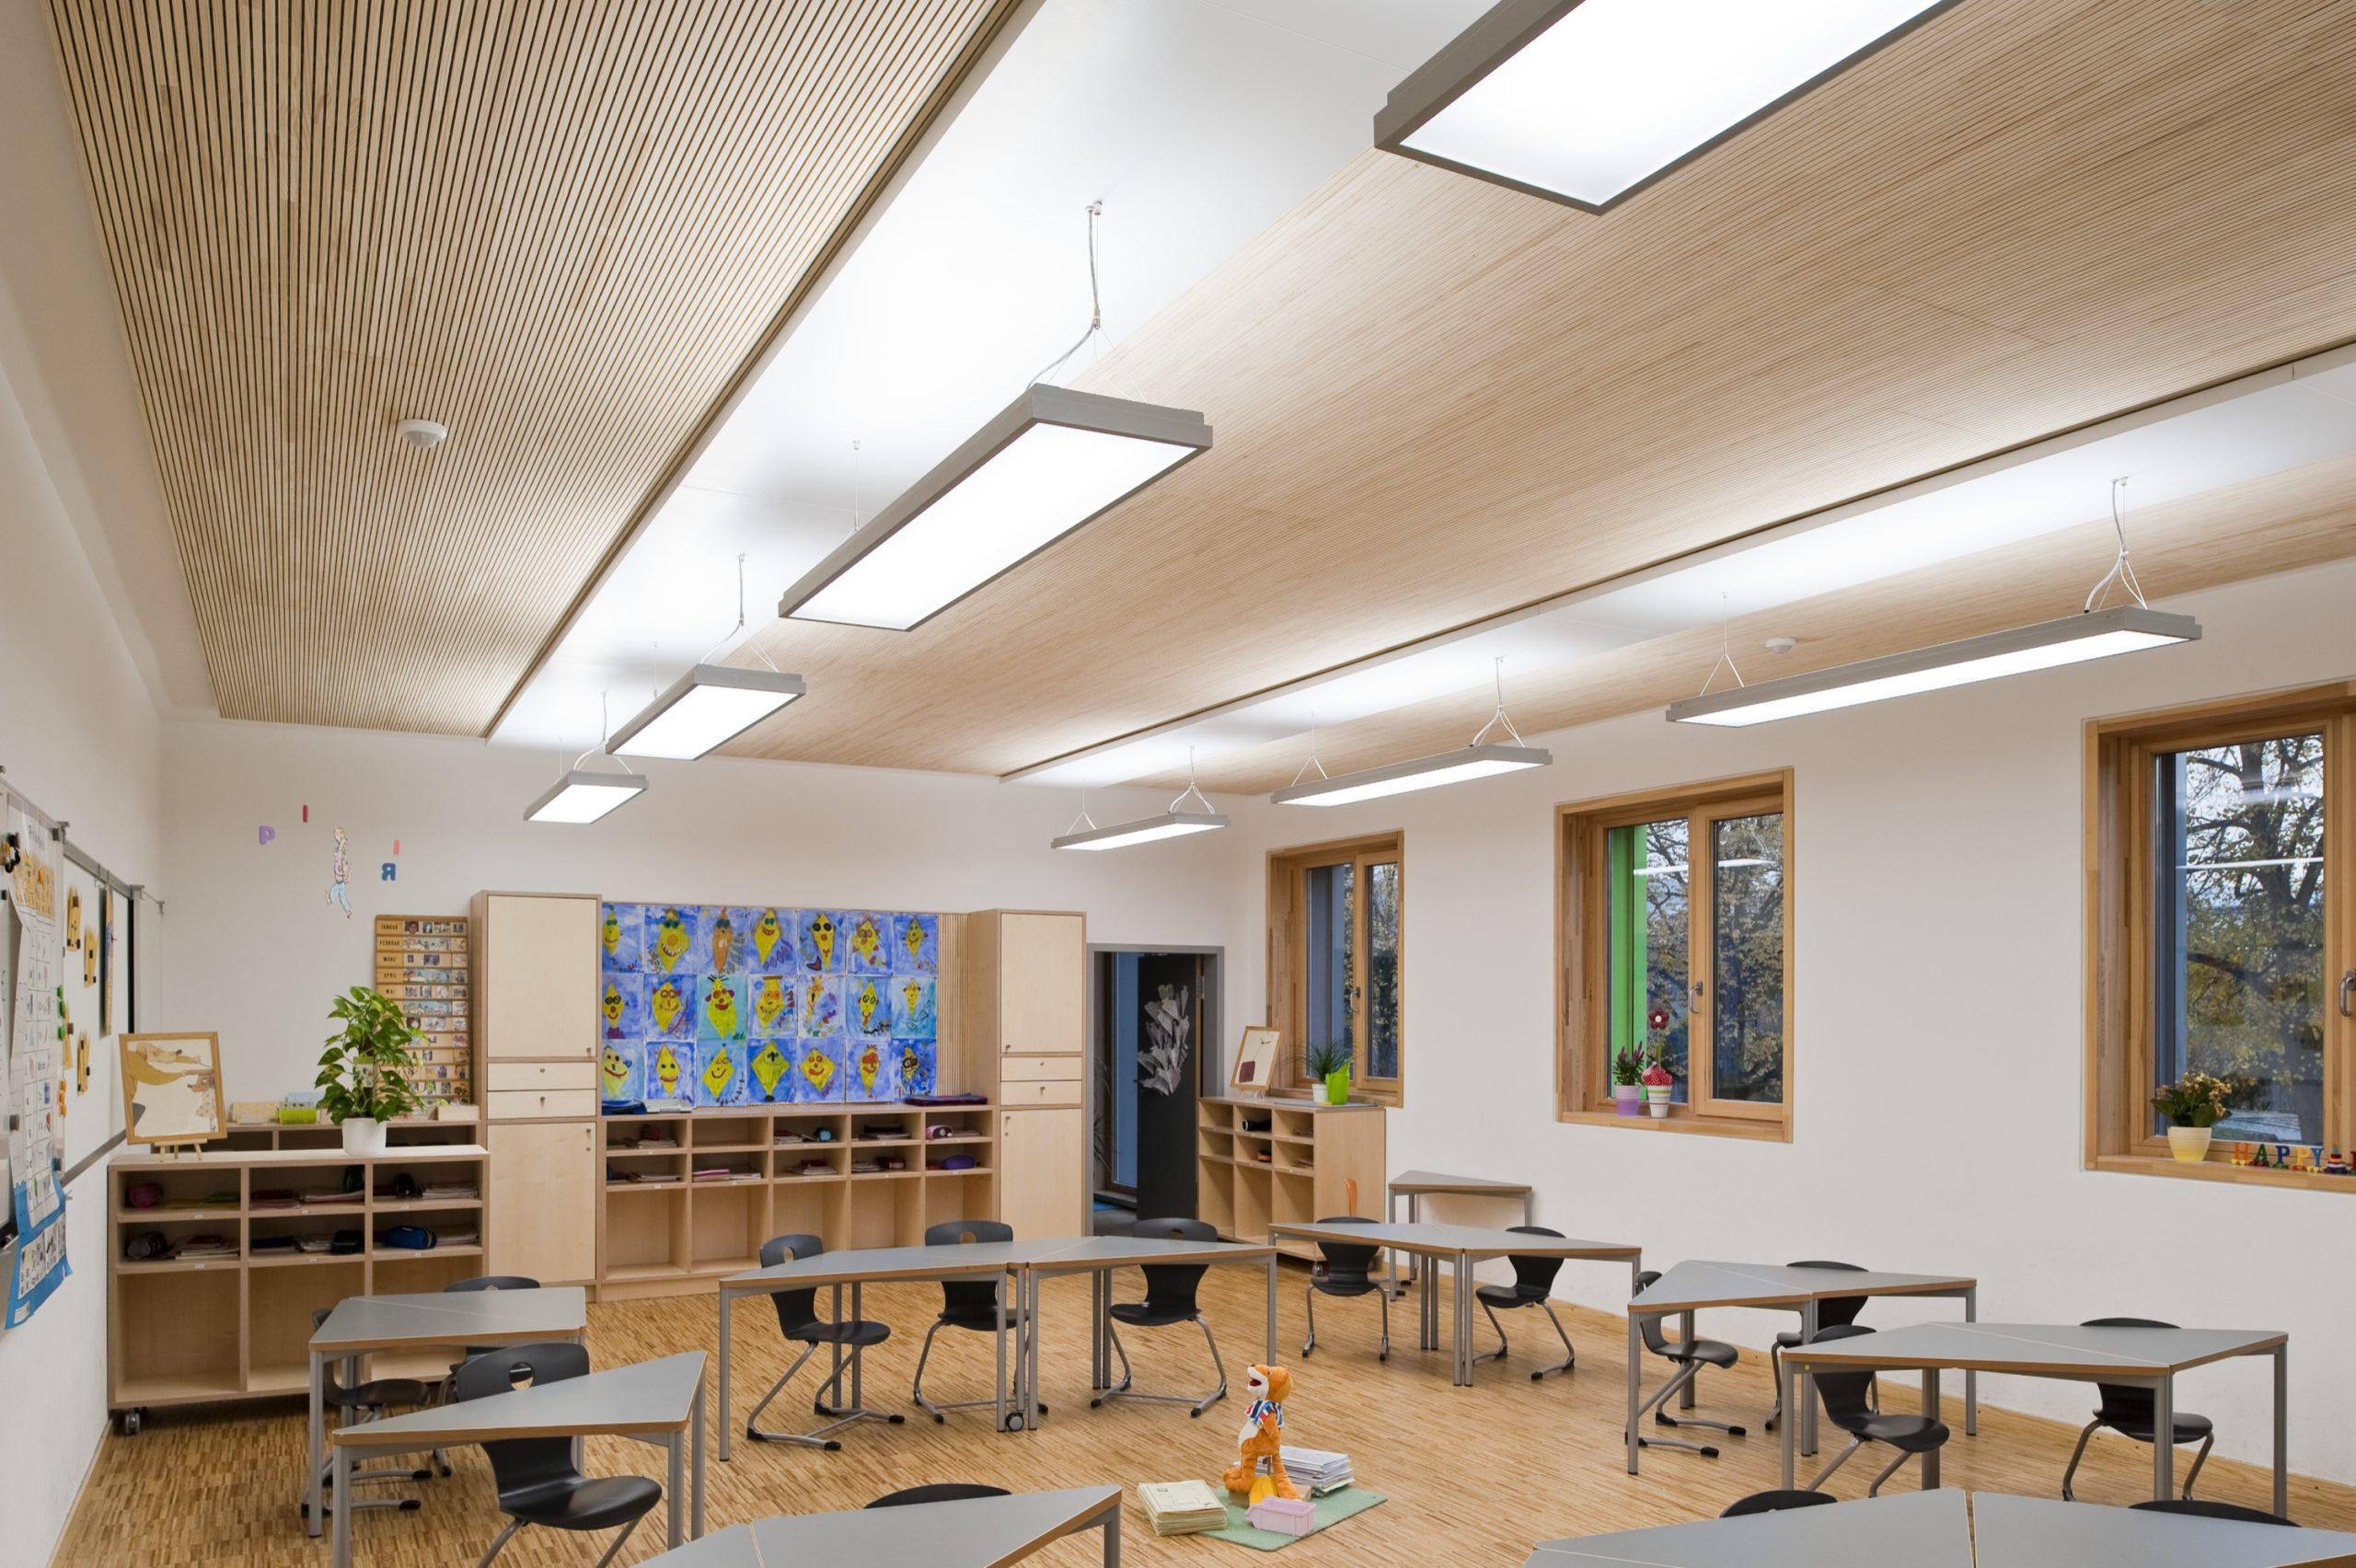 Klassenzimmer Lichtstimmung Parkett